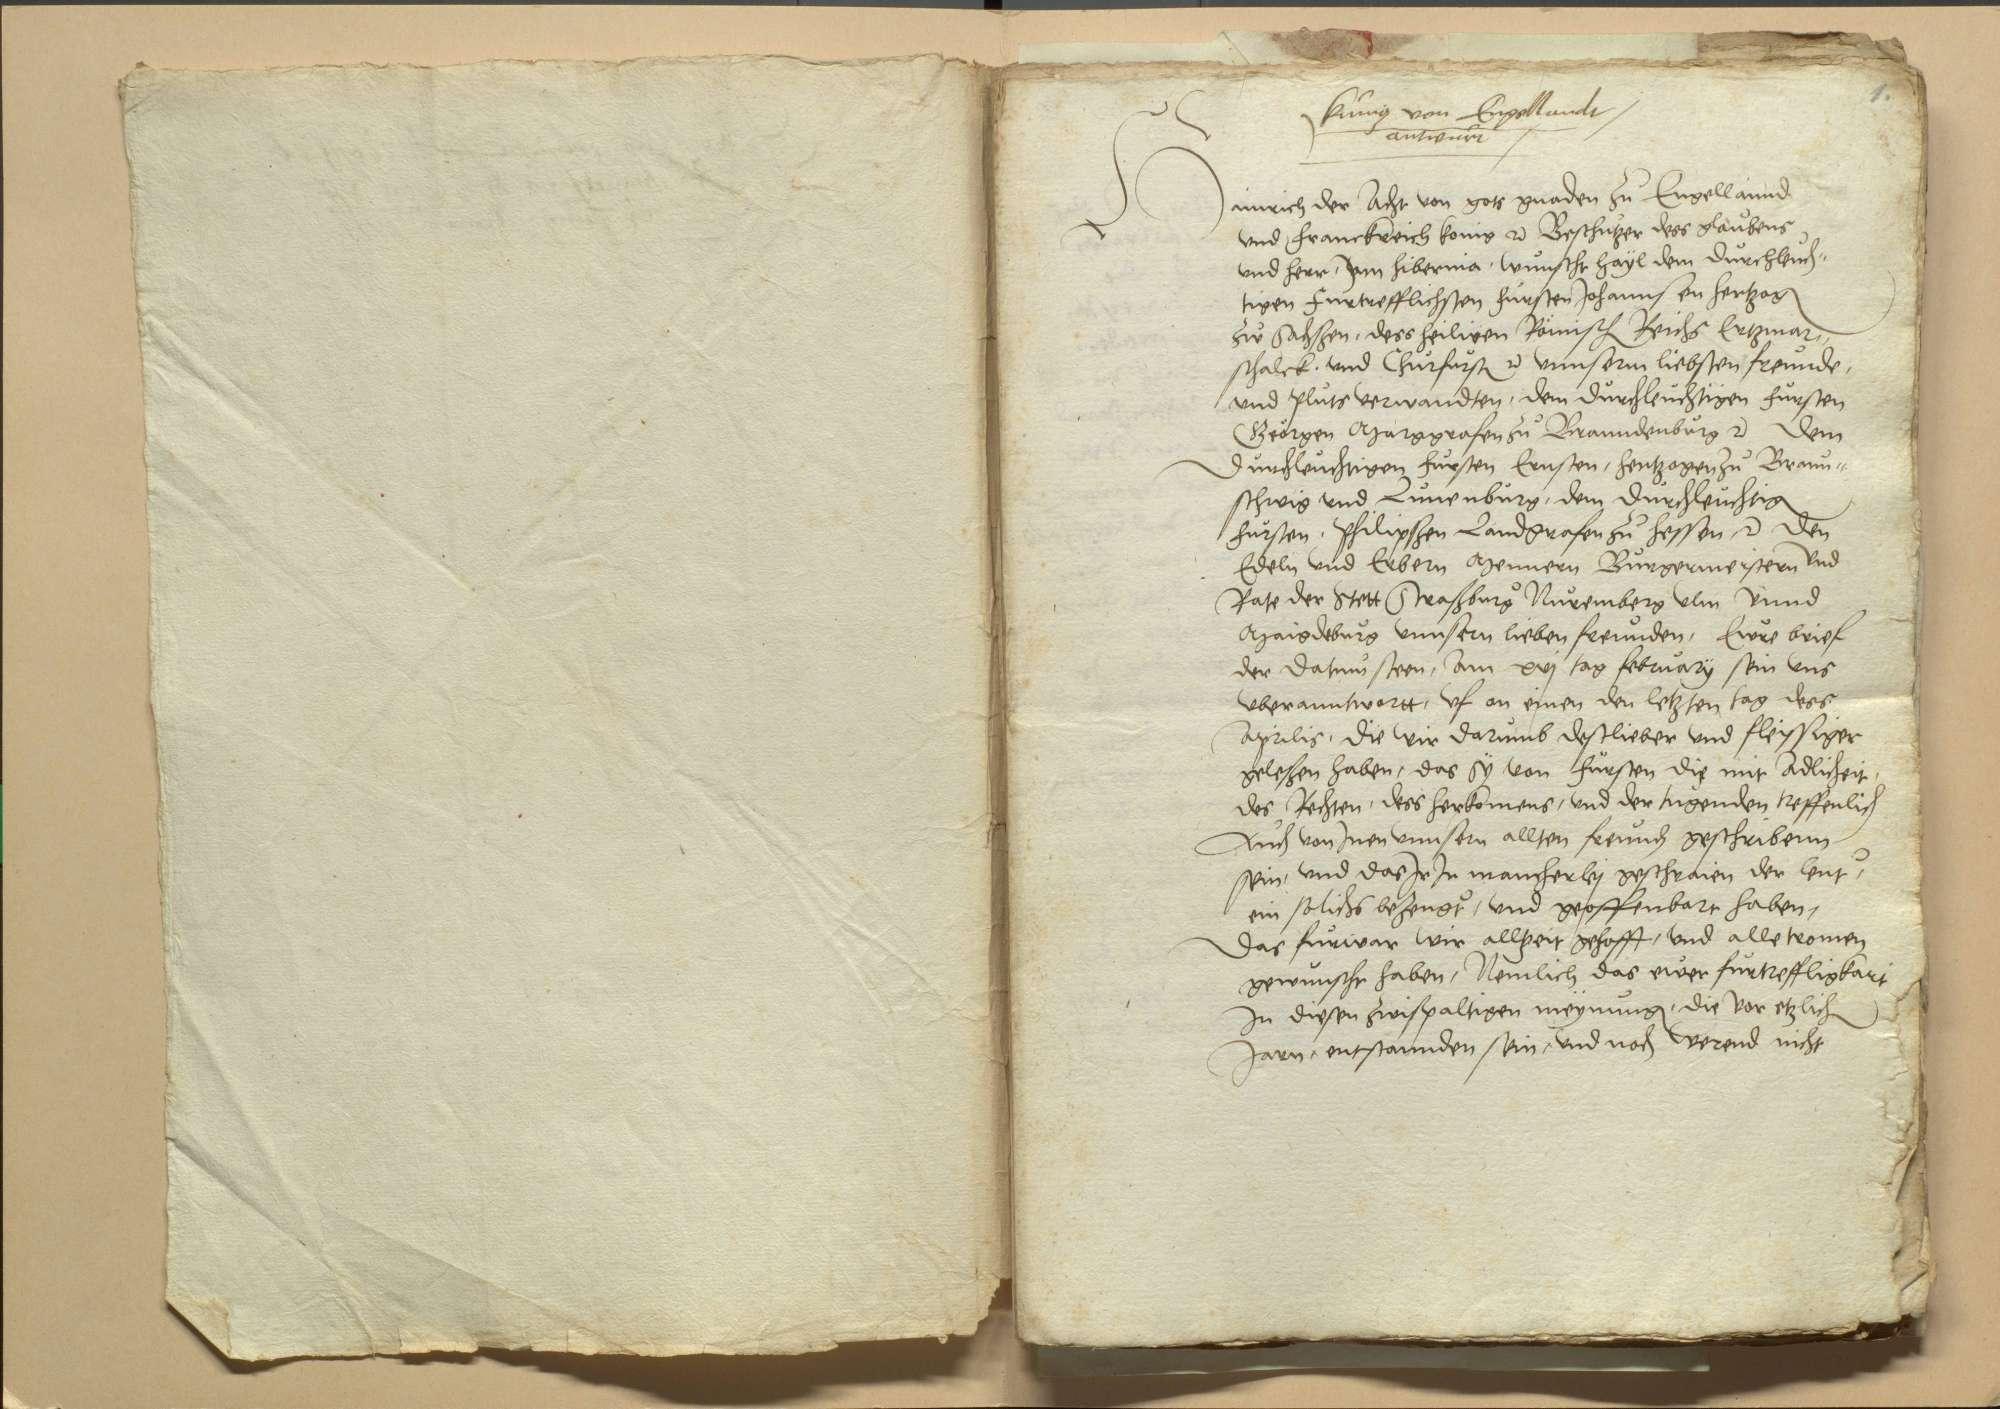 Versammlung der protestierenden Stände zu Frankfurt vom 4. Juni 1531 wegen einiger zu Schmalkalden am Thomastag 1530 noch nicht verabschiedeter Artikel und dem hier gemachten Abschied, Bild 3